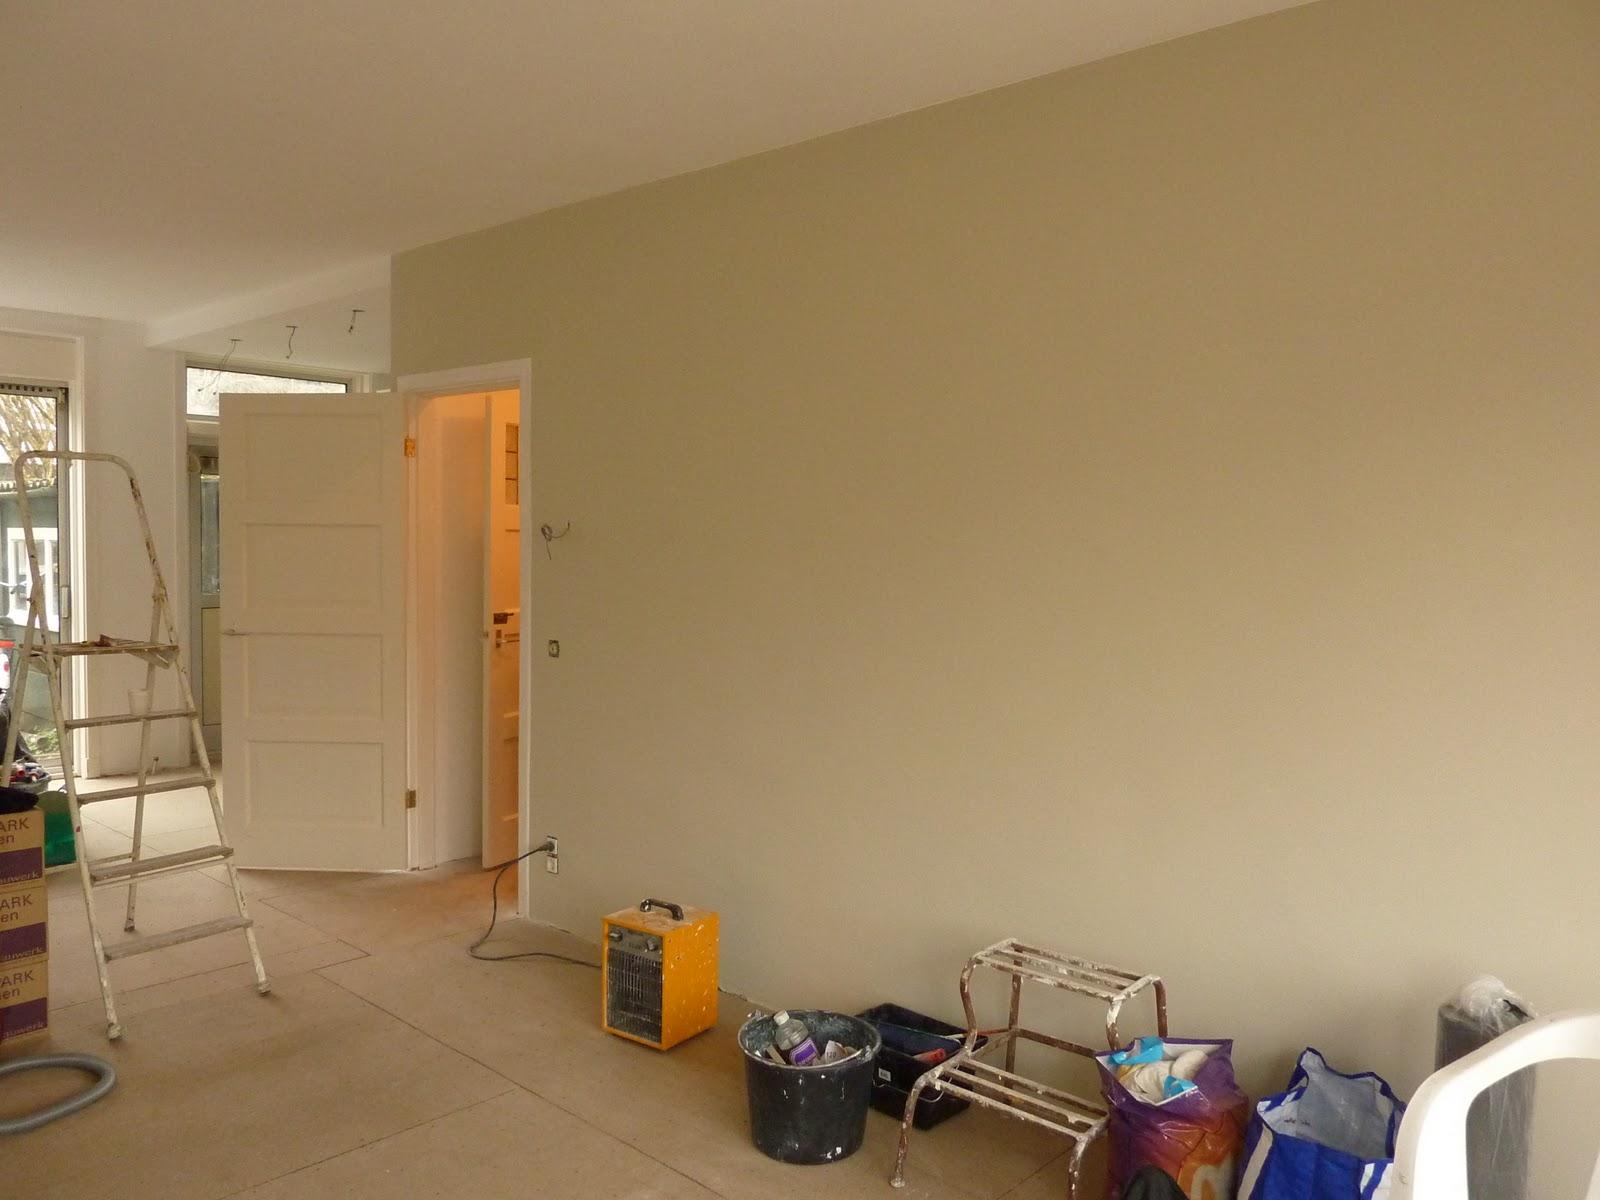 De verbouwing huiskamer af deel ii for Zandkleur muur